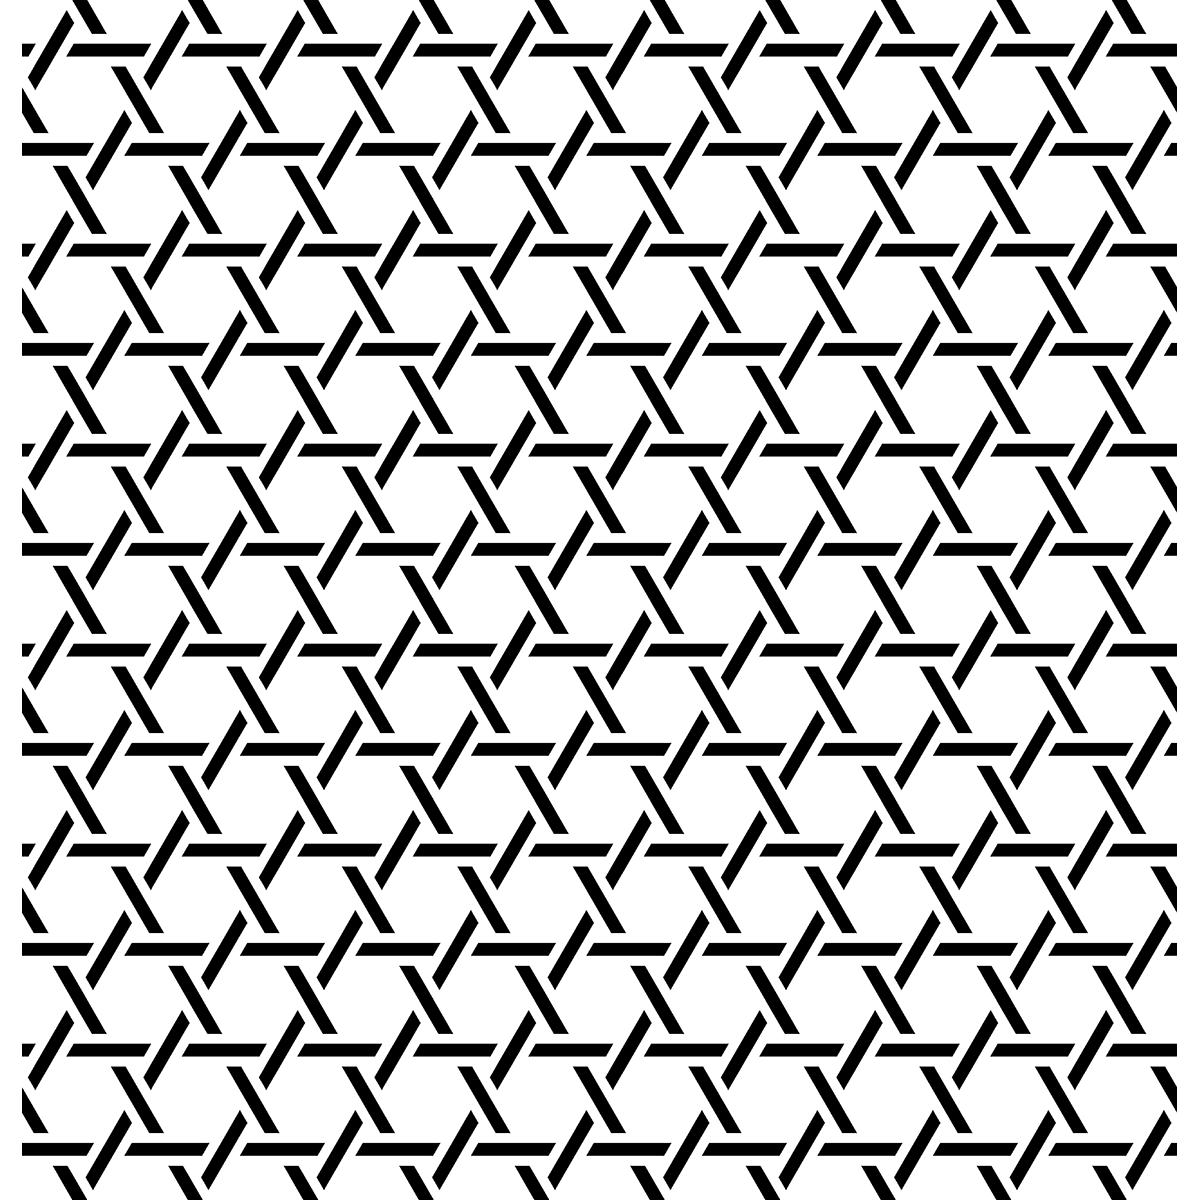 【パターン】籠目(2)の無料イラスト